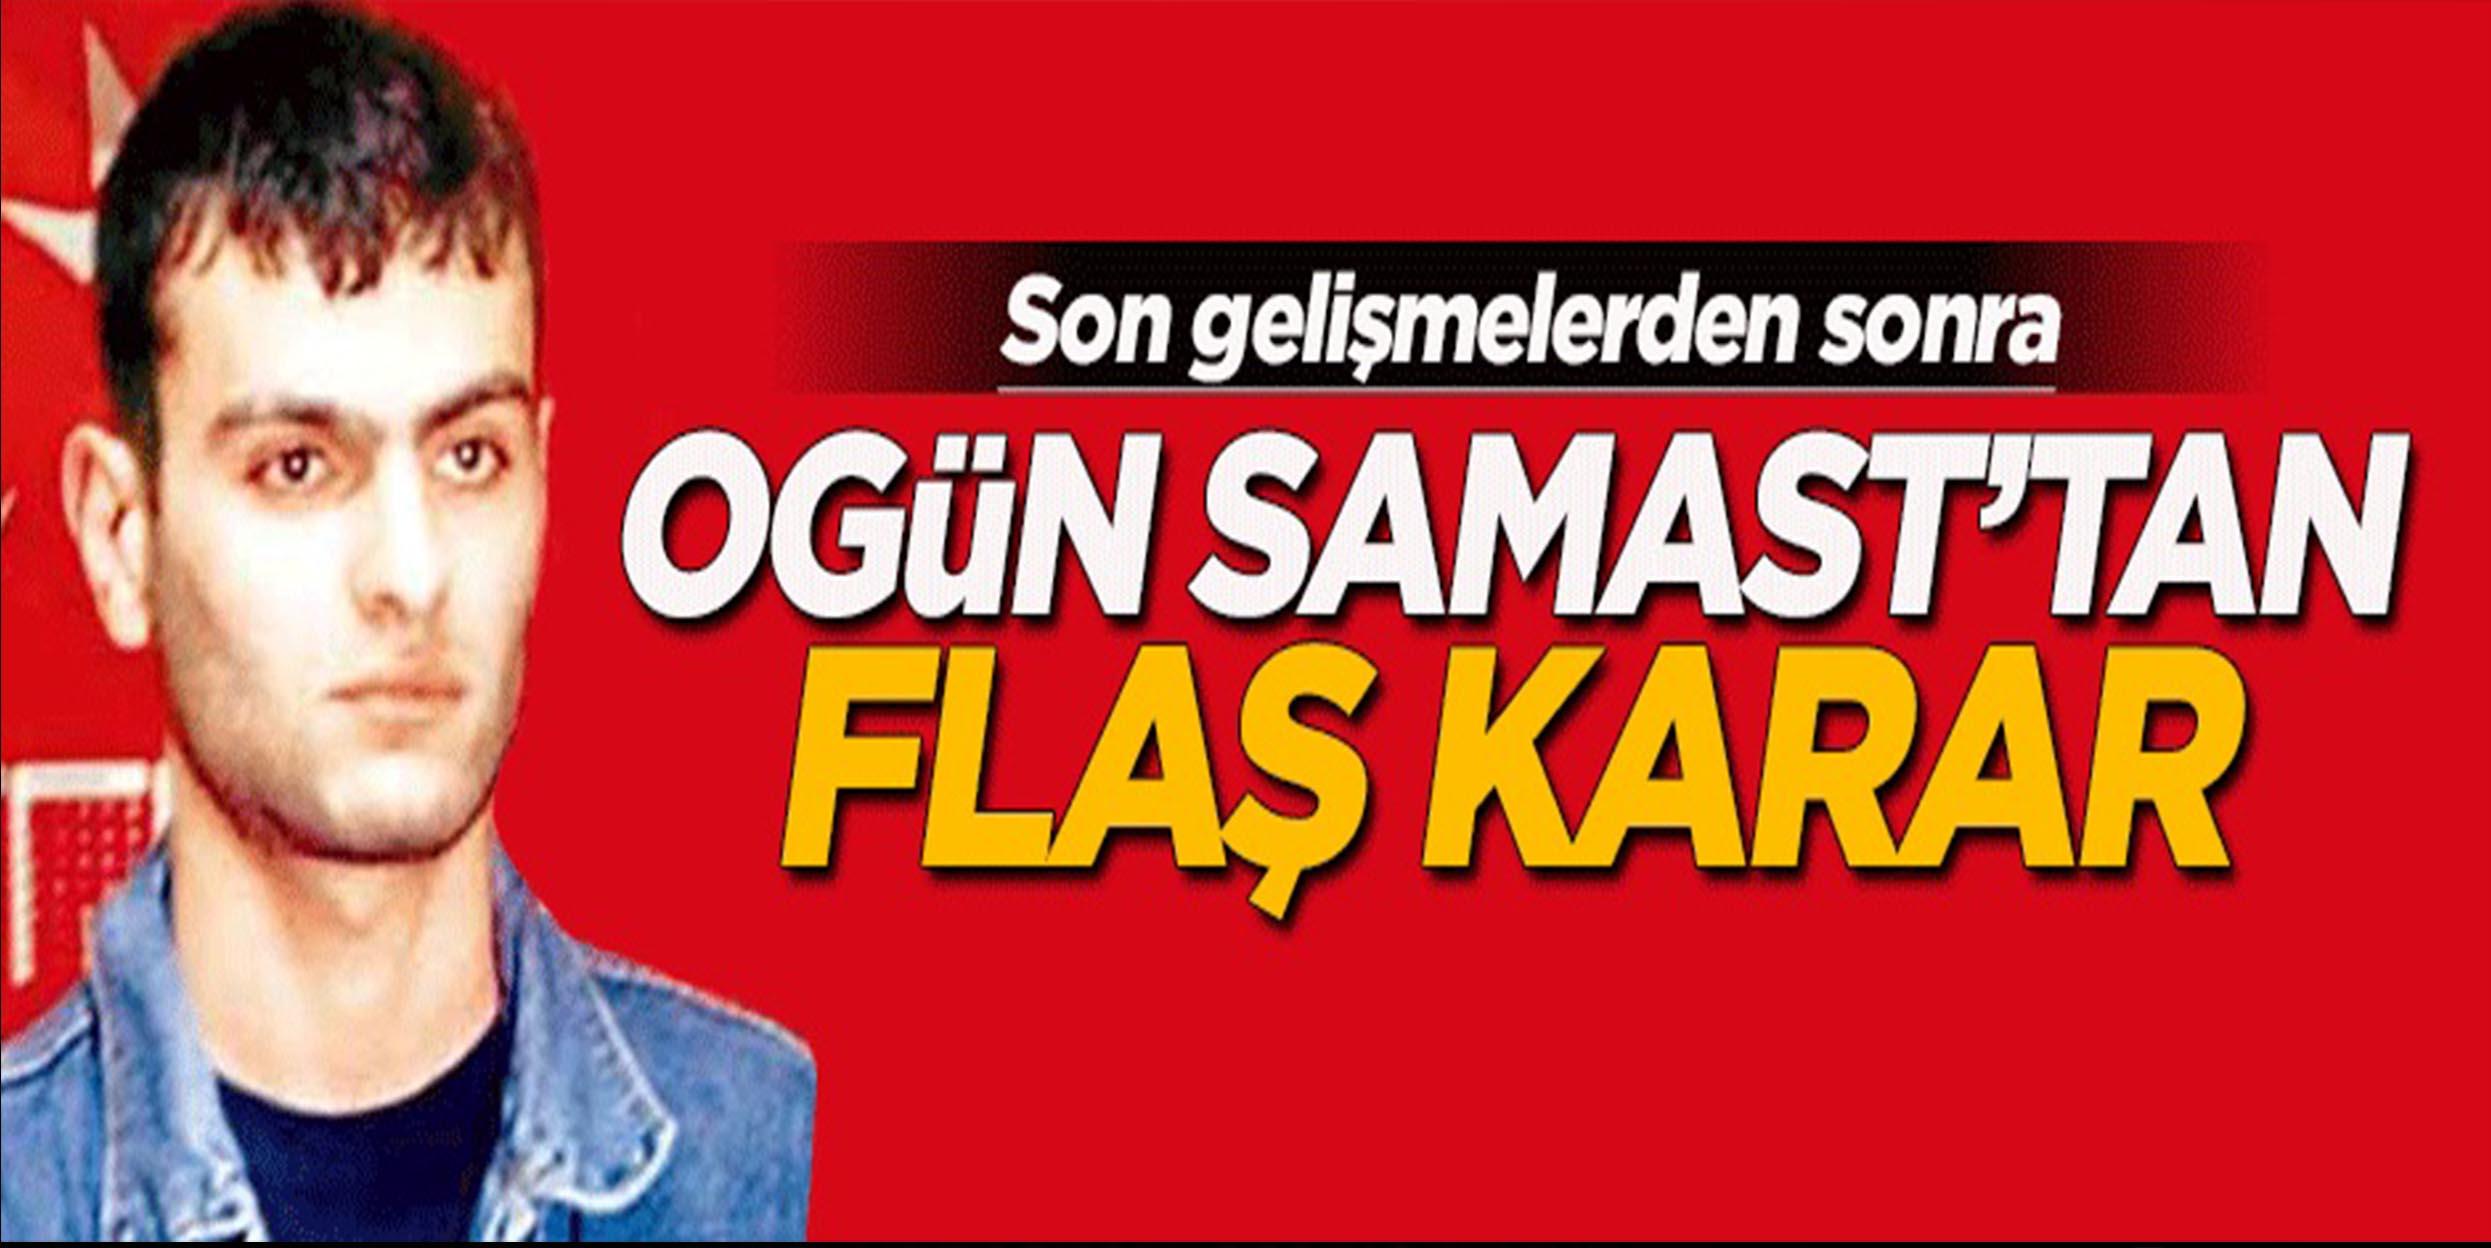 Ogün Samast'tan flaş karar!